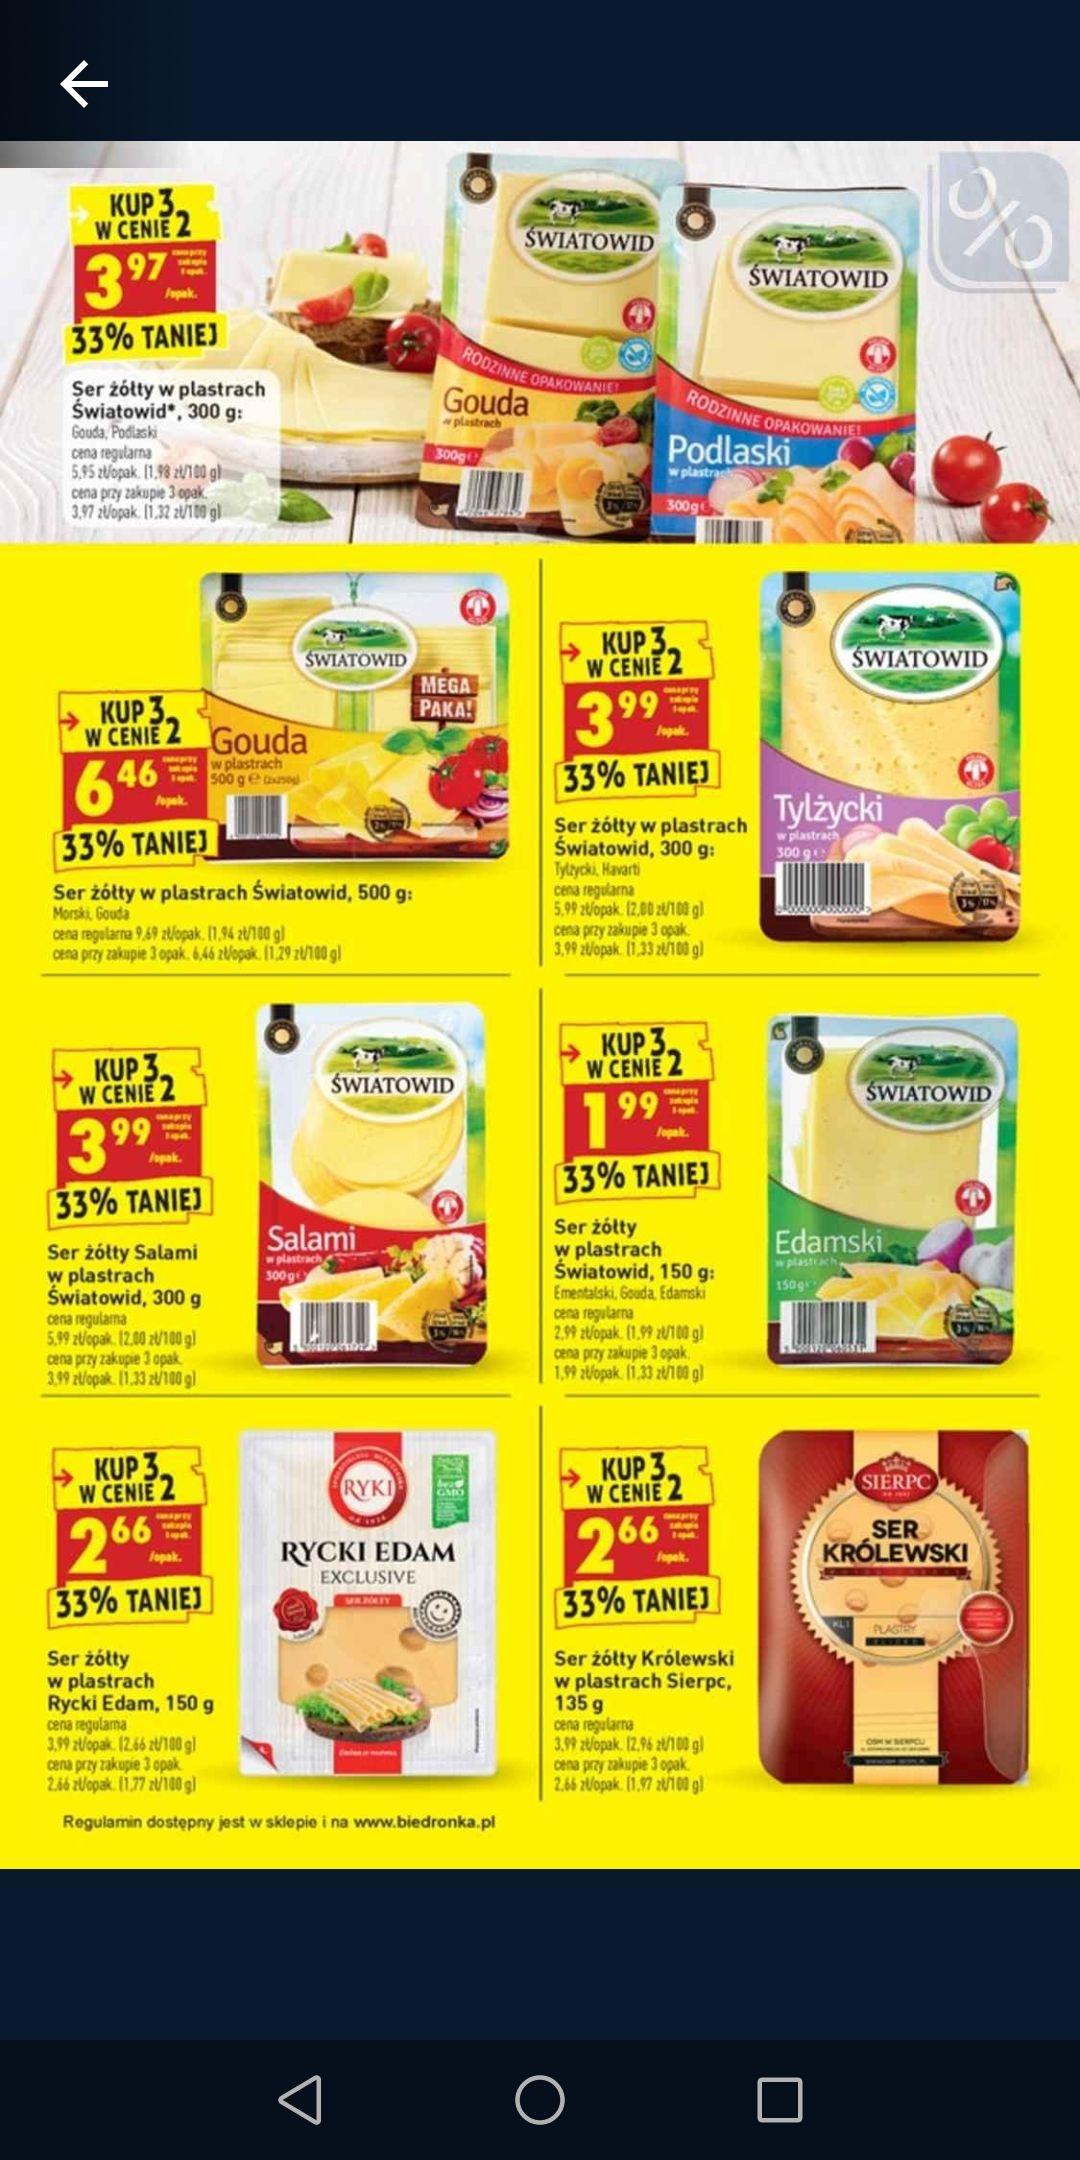 Sery żółte w plastrach 3w cenie 2, biedronka